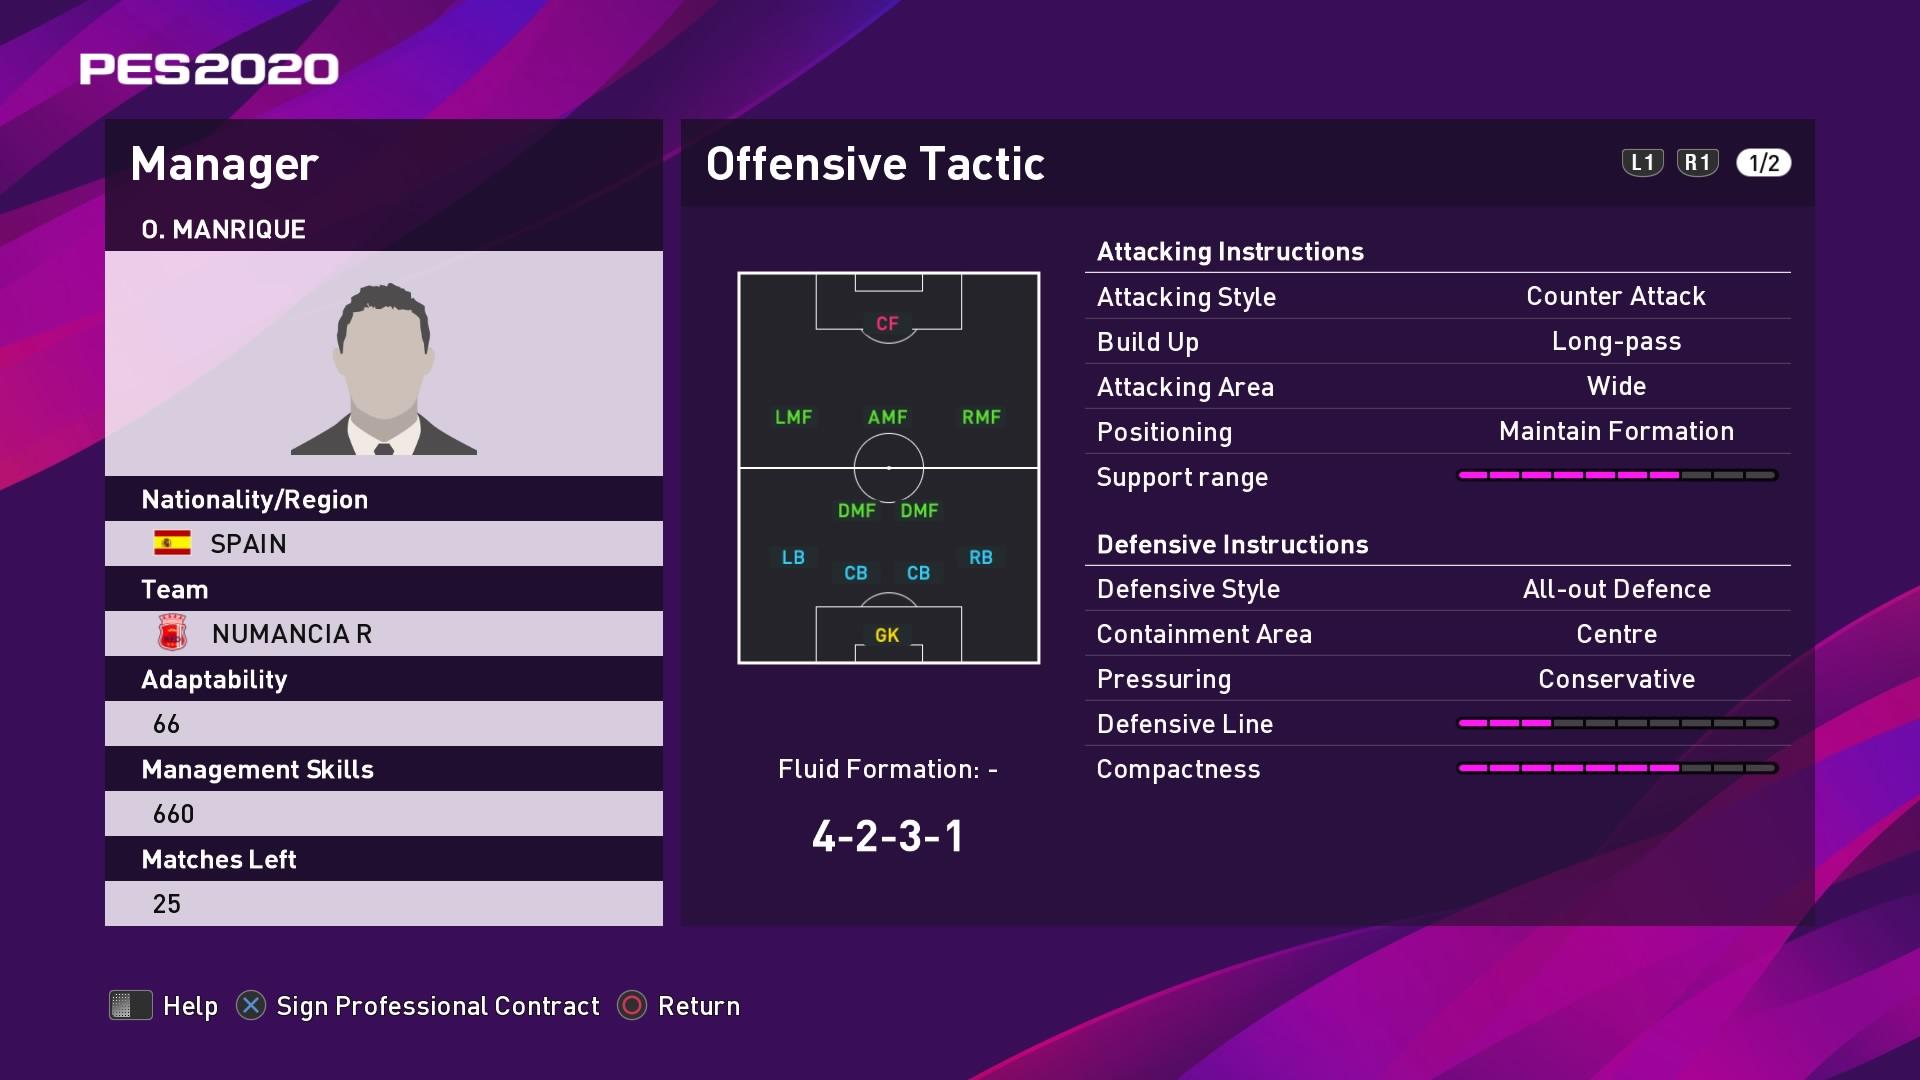 O. Manrique (Luis Miguel Carrión) Offensive Tactic in PES 2020 myClub